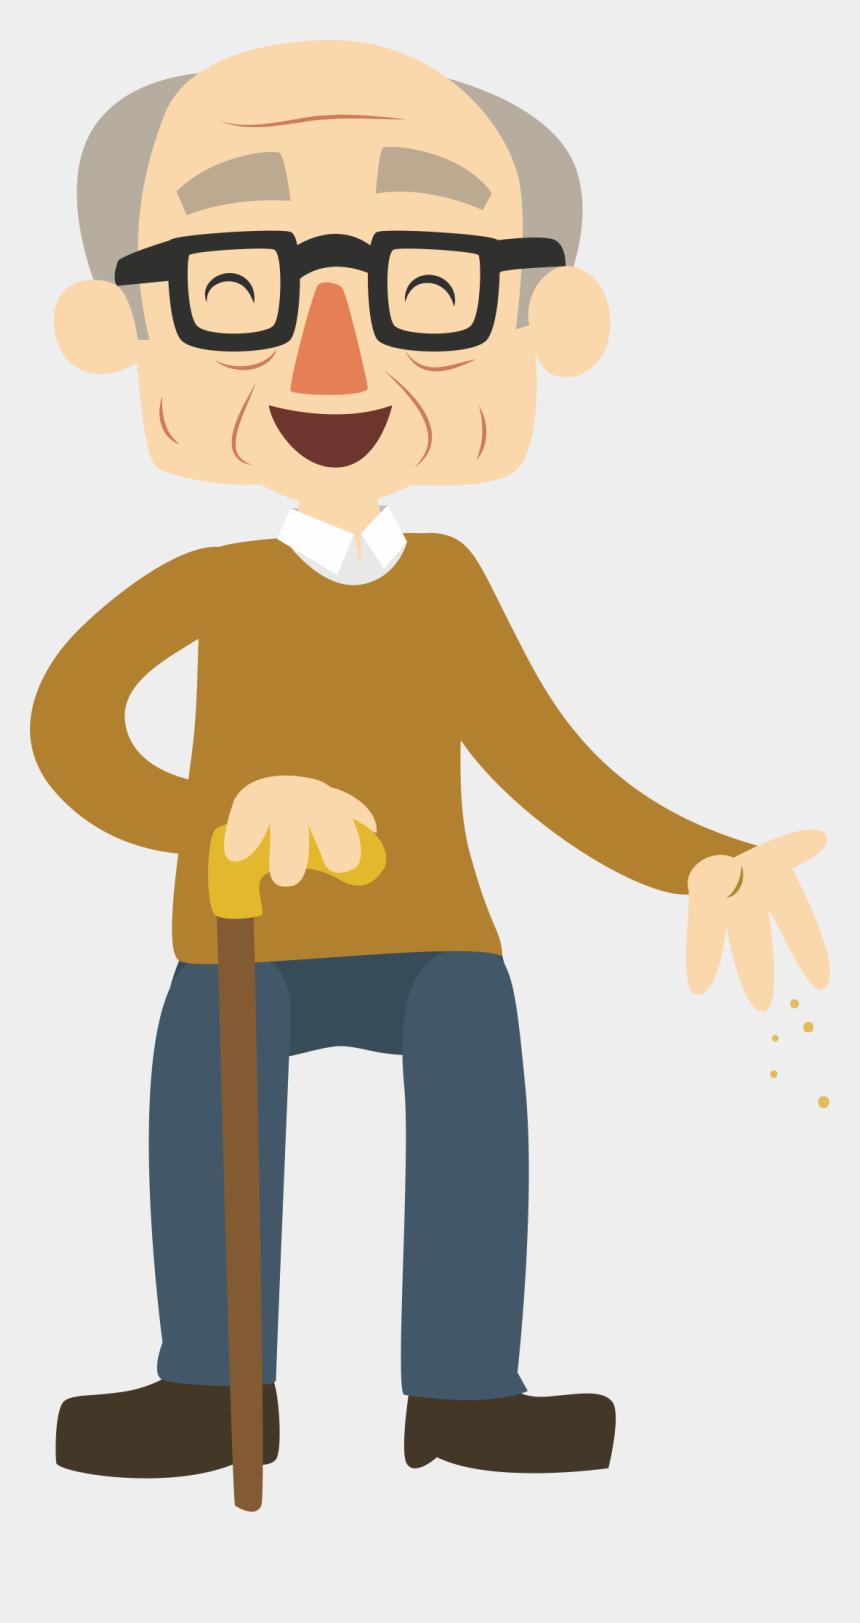 grandma clipart, Cartoons - Grandma Clipart Happy Young Super - Happy Old Man Cartoon